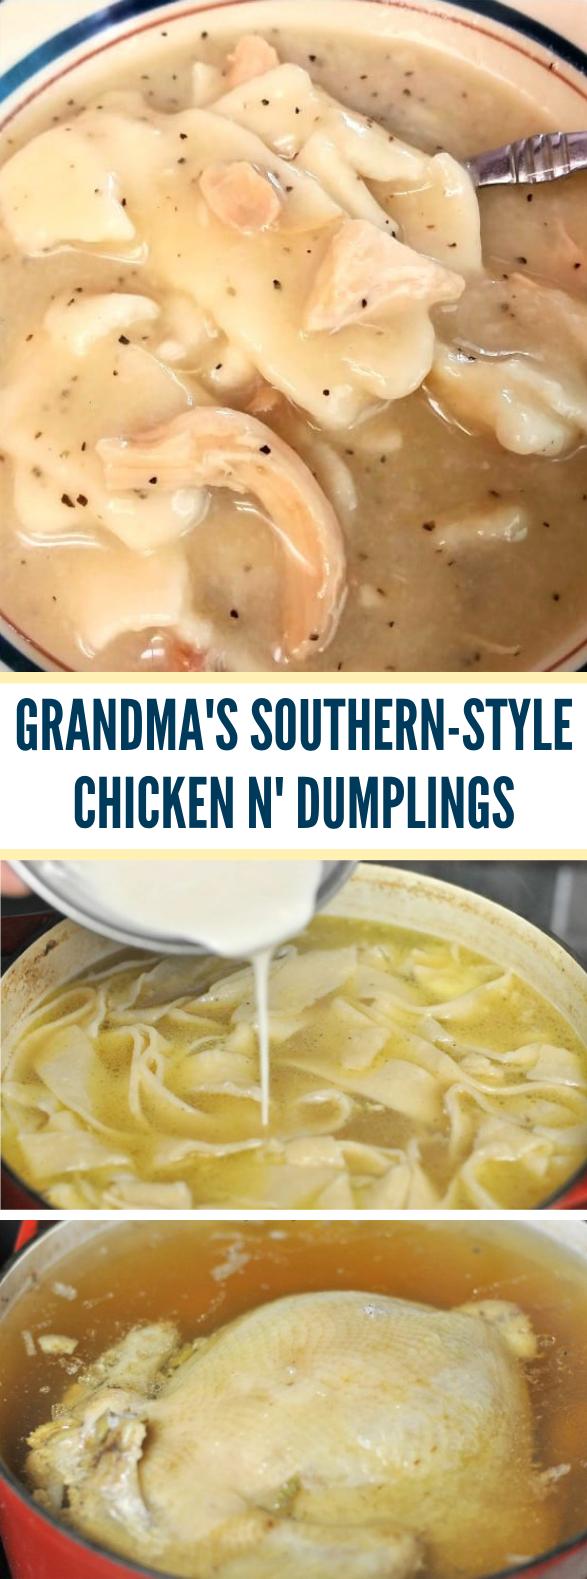 Grandma's Southern-Style Chicken n' Dumplings #dinner #comfortfood